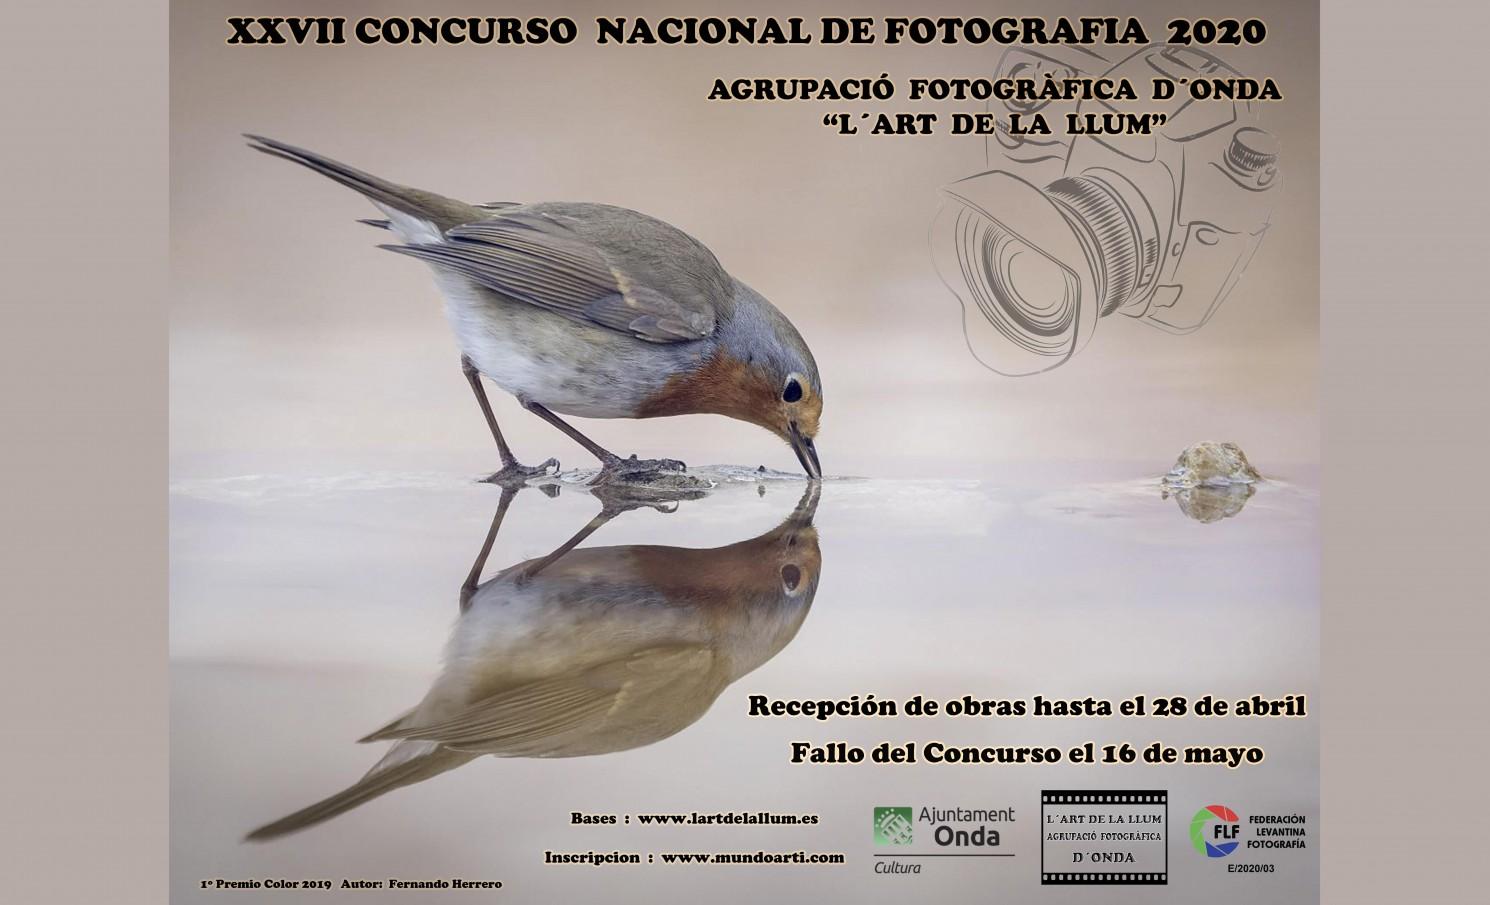 """XXVII CONCURSO NACIONAL DE FOTOGRÁFIA 2020 """"L'ART DE LA LLUM"""""""